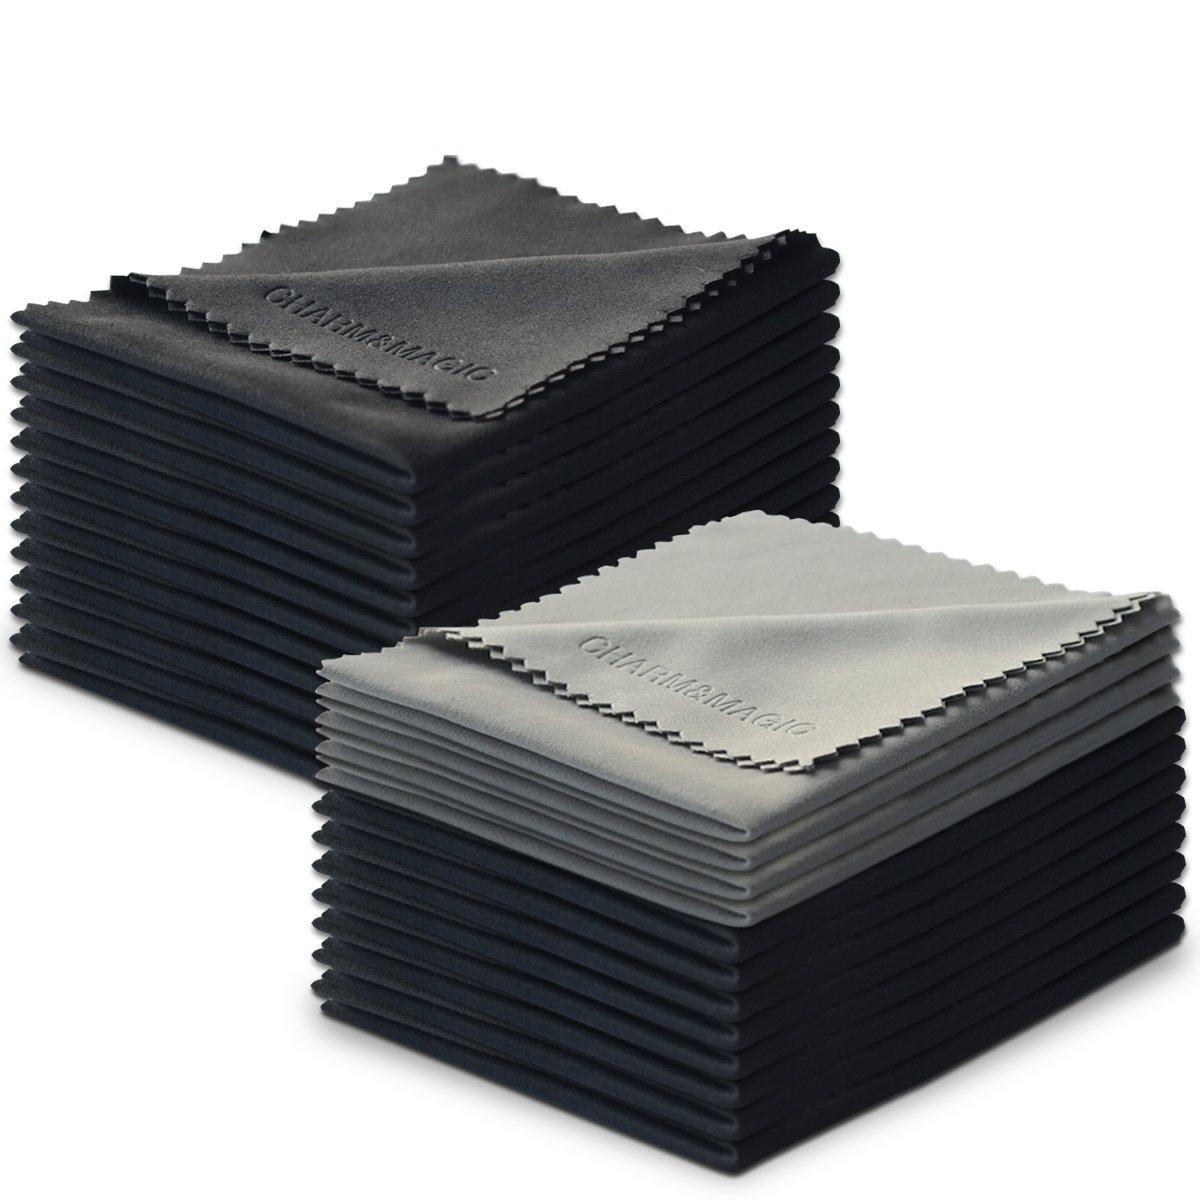 Charm & Maigc Extra Grande de Microfibra Pañ os de Limpieza para Todo Tipo de Screens-3 unidades (2 Negro + 1 Gris, 40 x 40 cm) Charm & Magic CM-CLEL-BG3